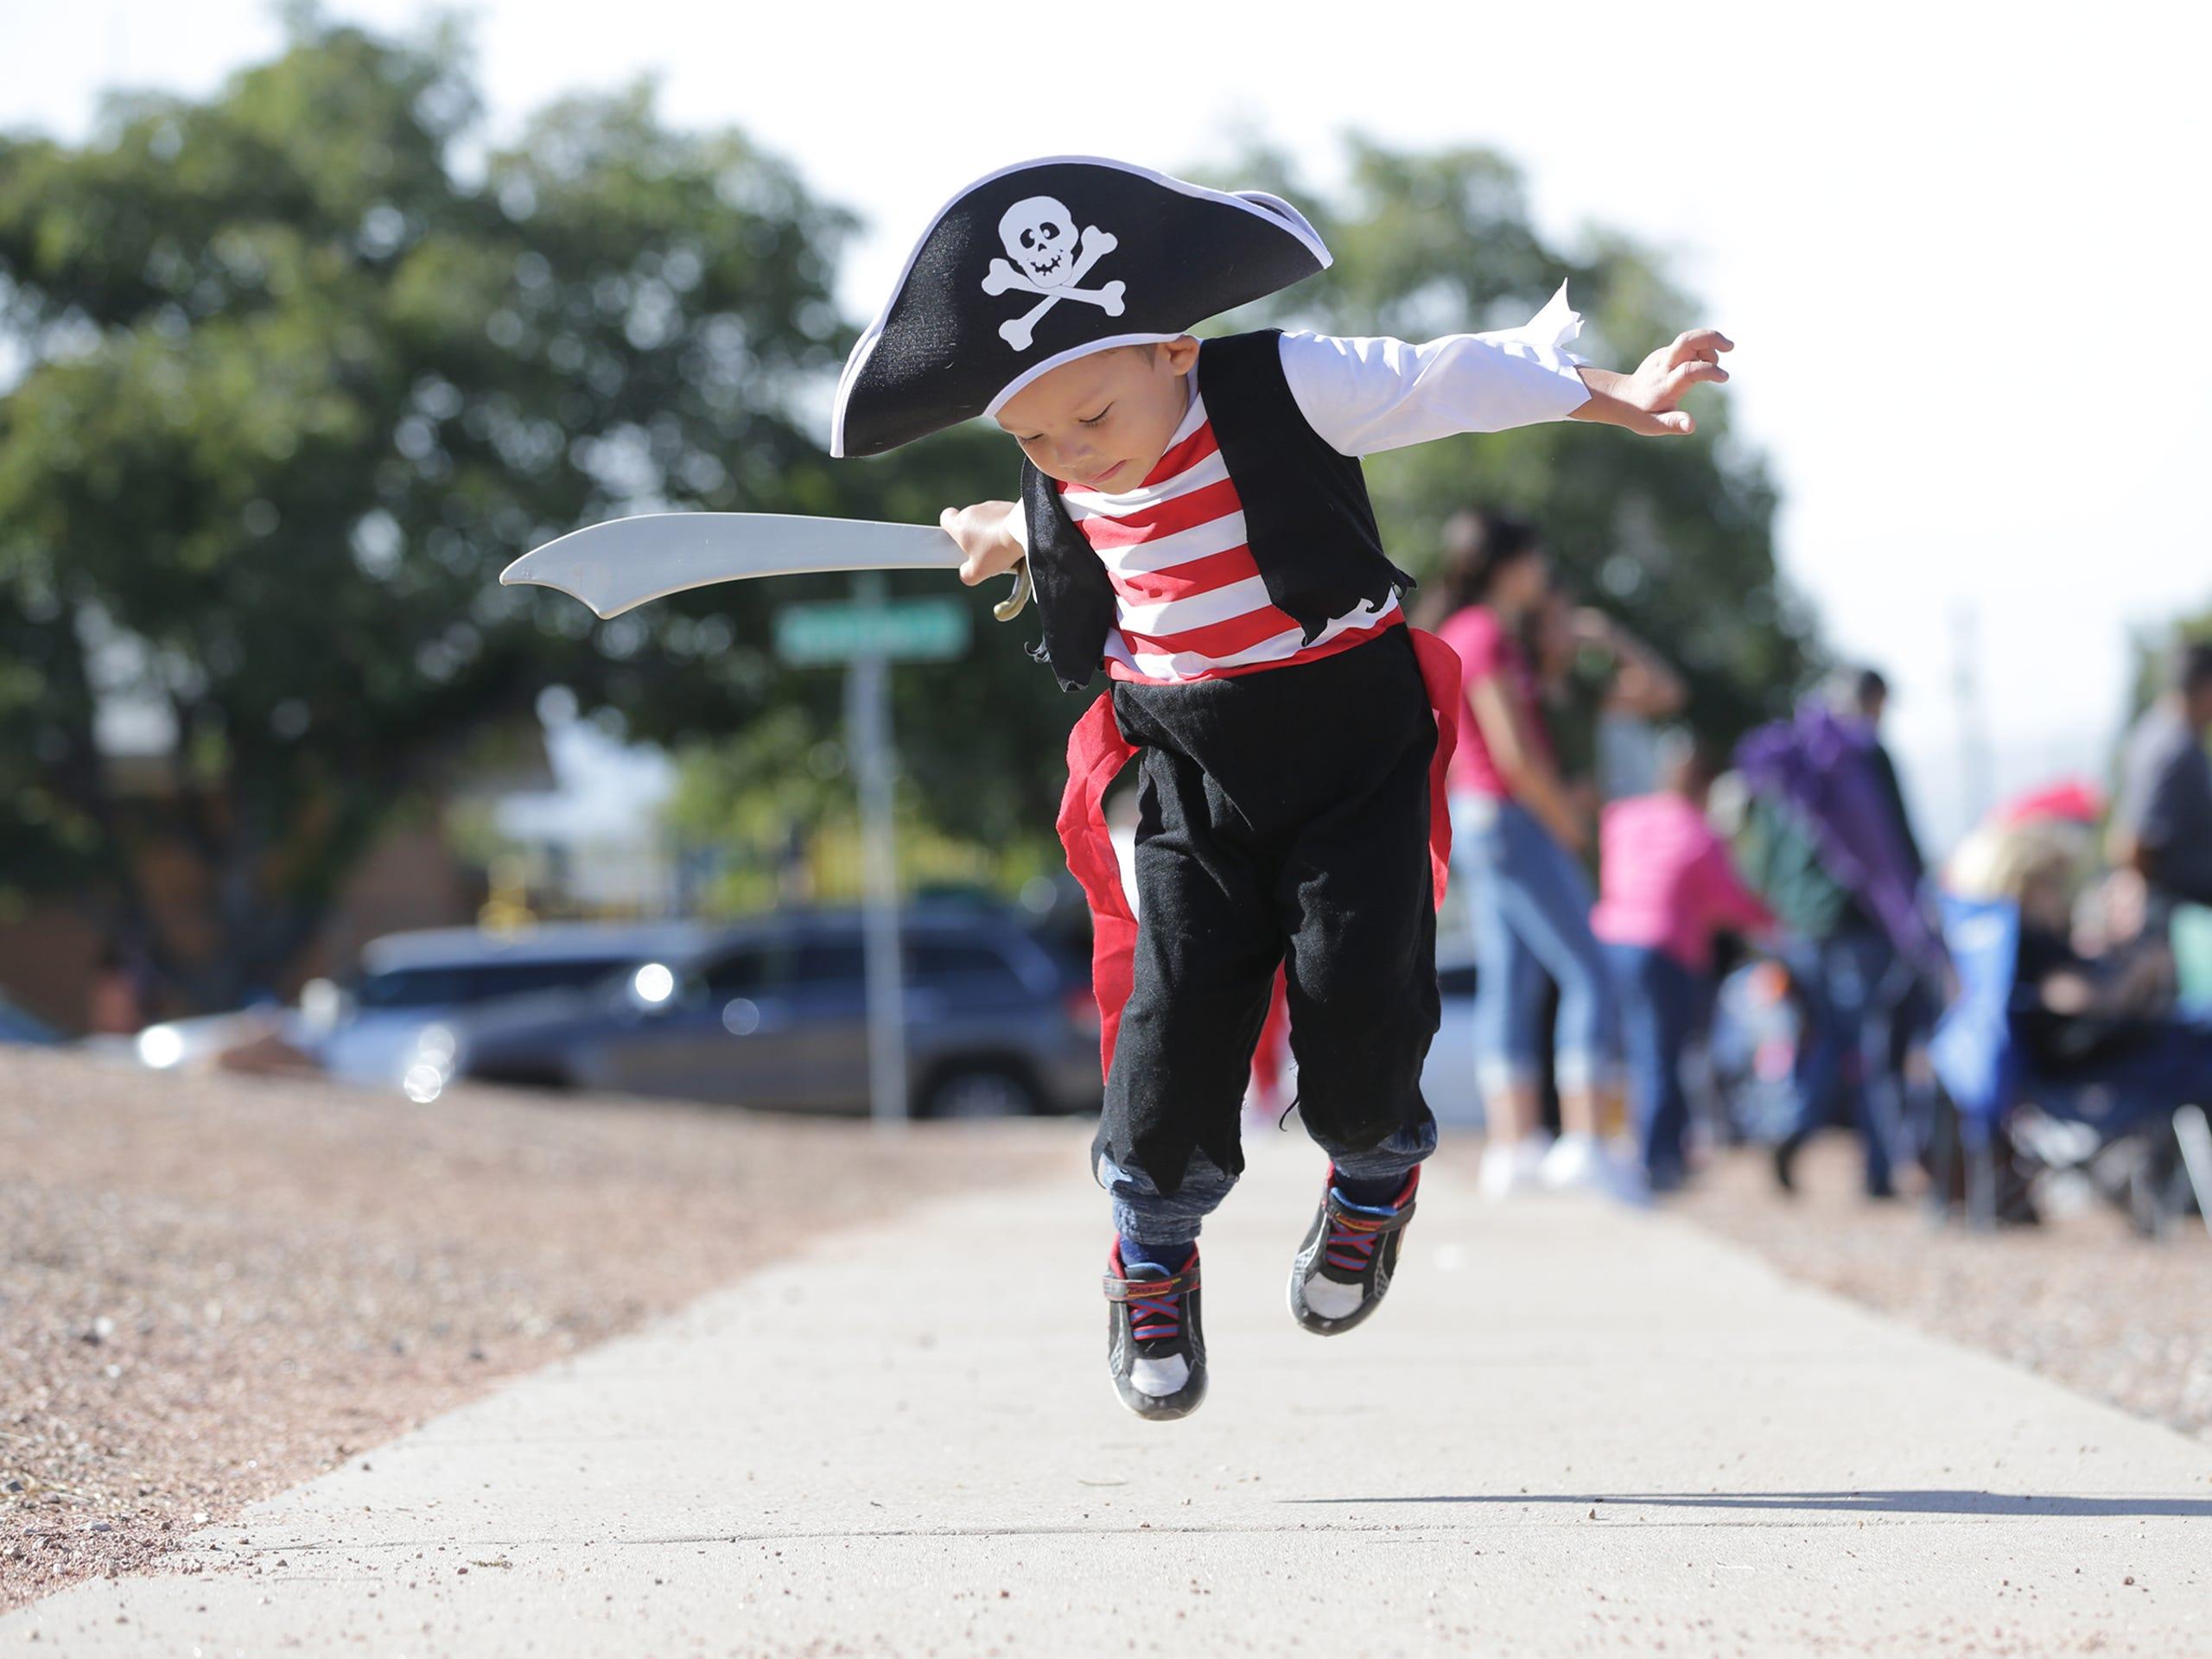 Album Park El Paso Halloween 2020 Photos: The KLAQ Halloween Parade